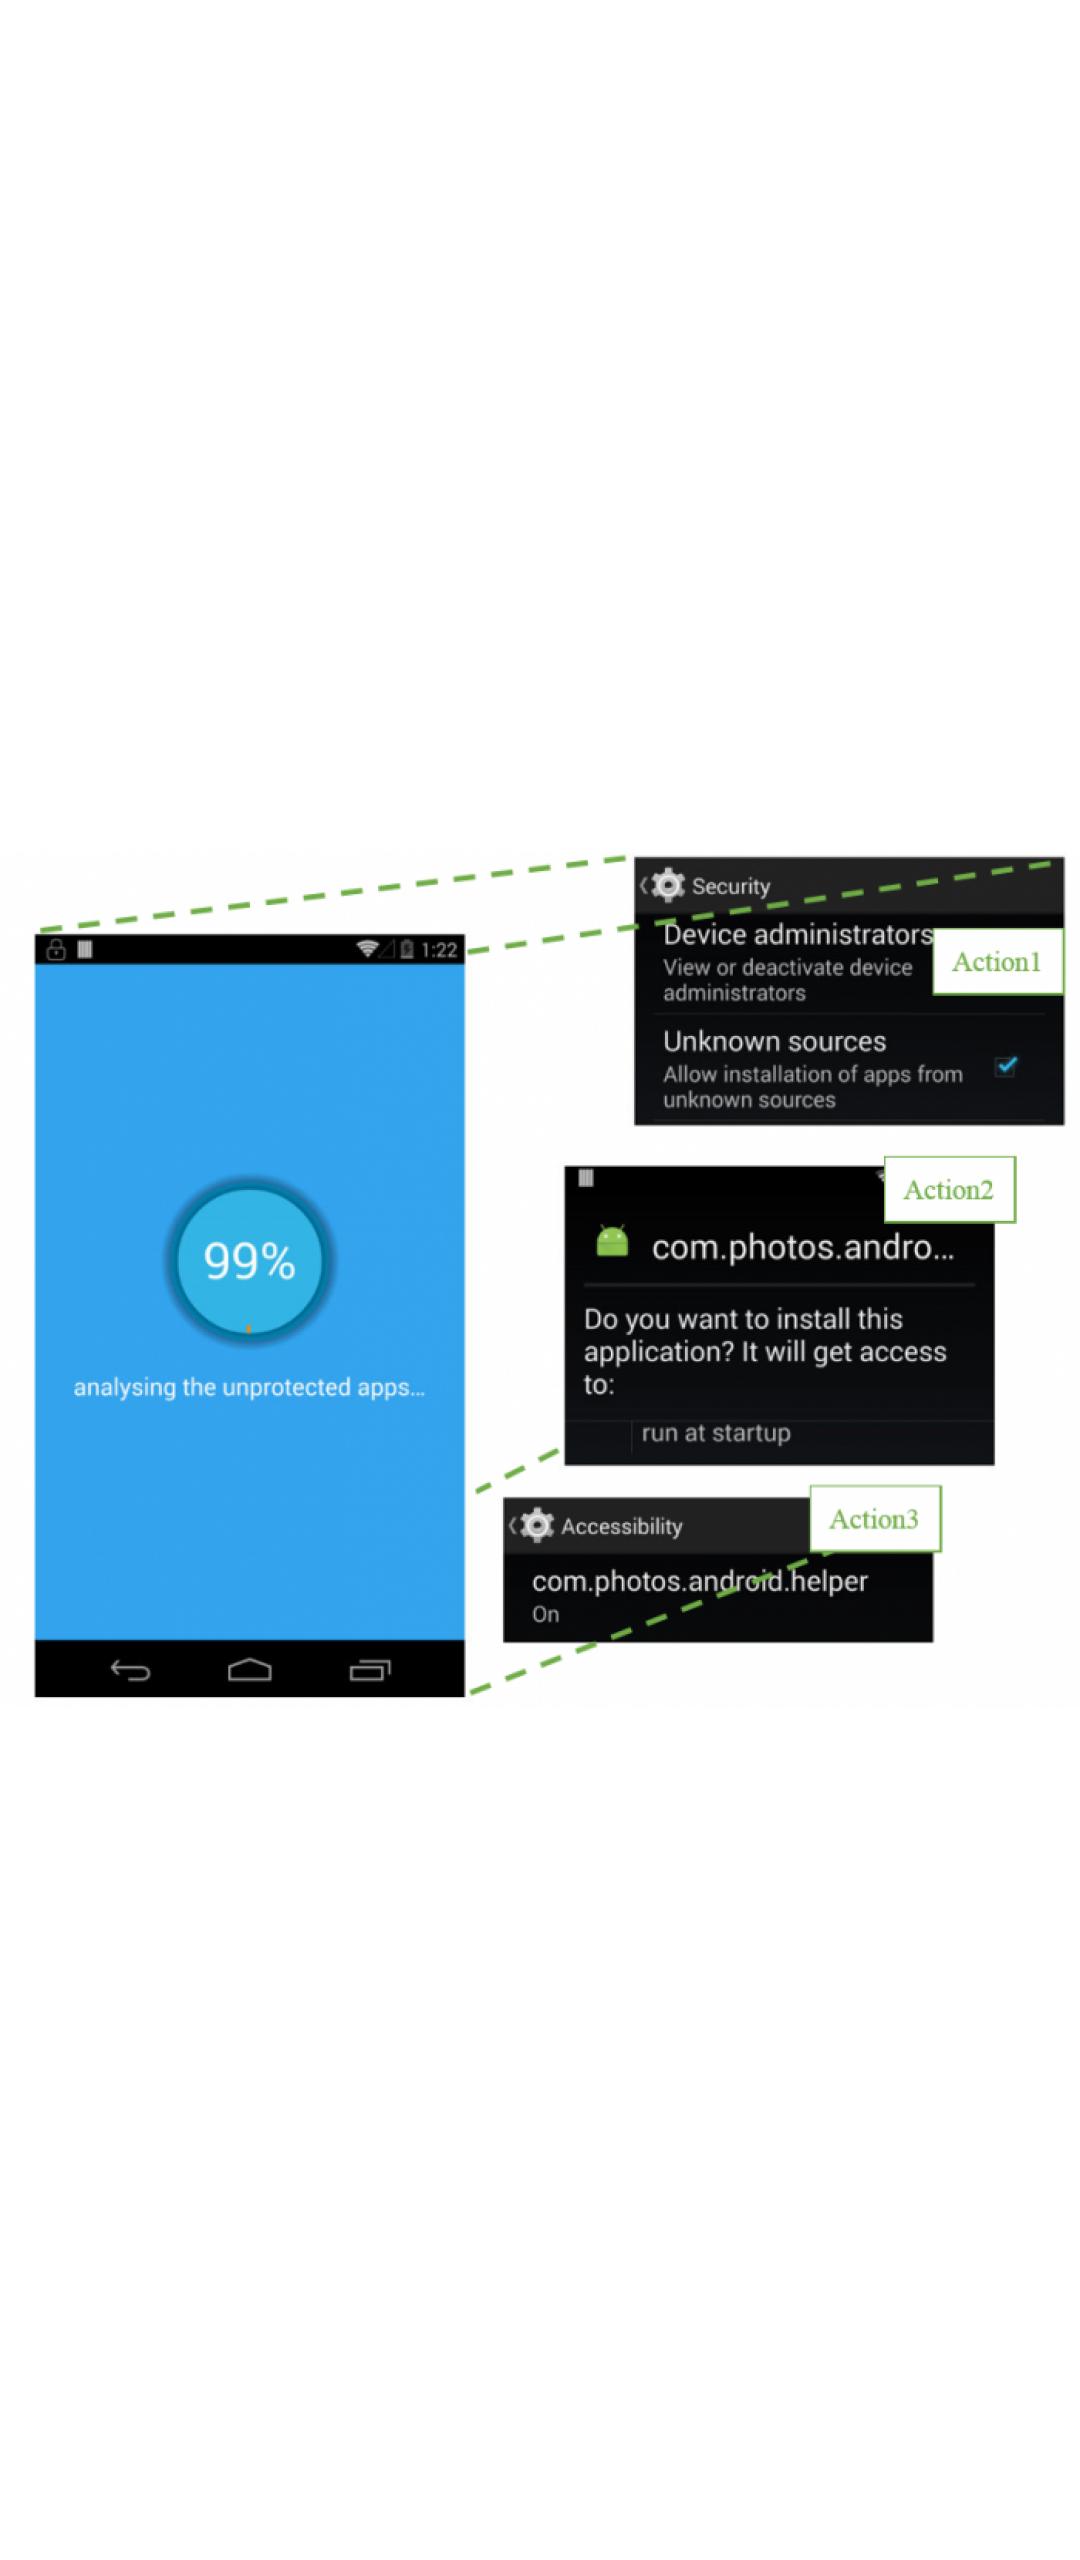 Apps usan servicios de accesibilidad para instalar malware en Android